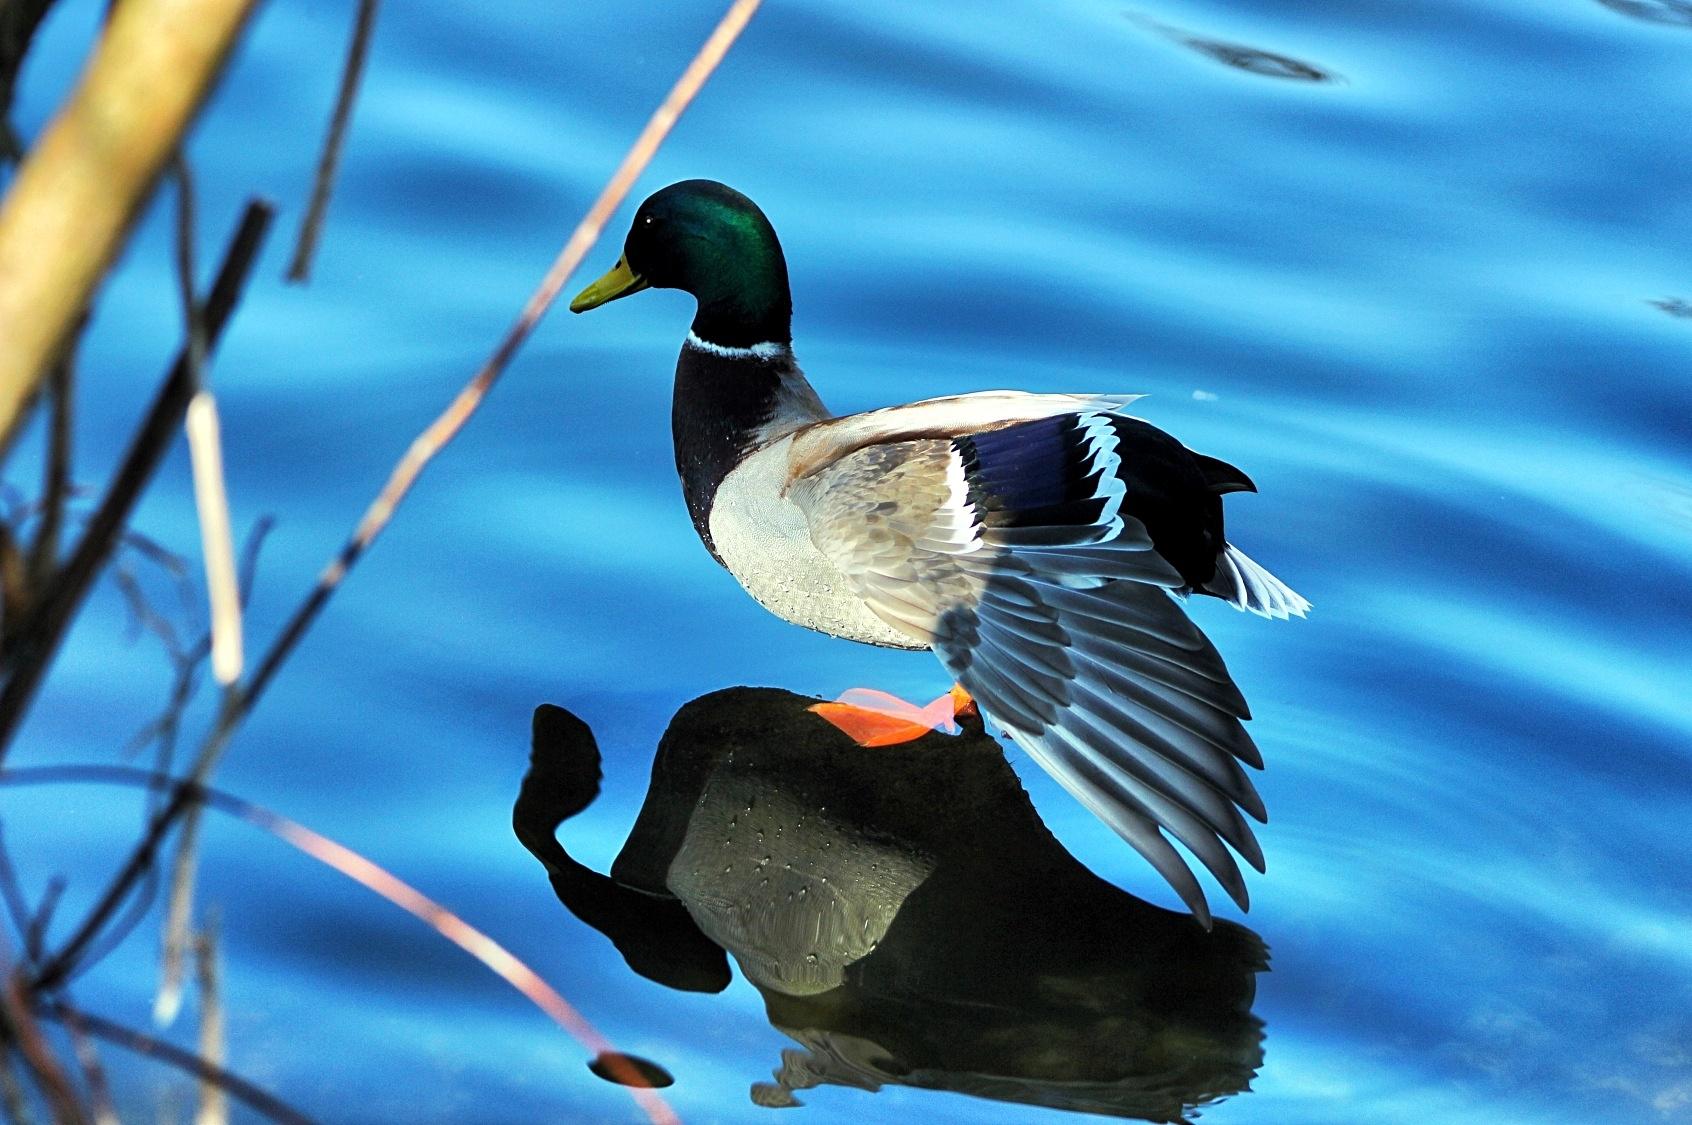 основном фотоконкурс птицы моего края затем